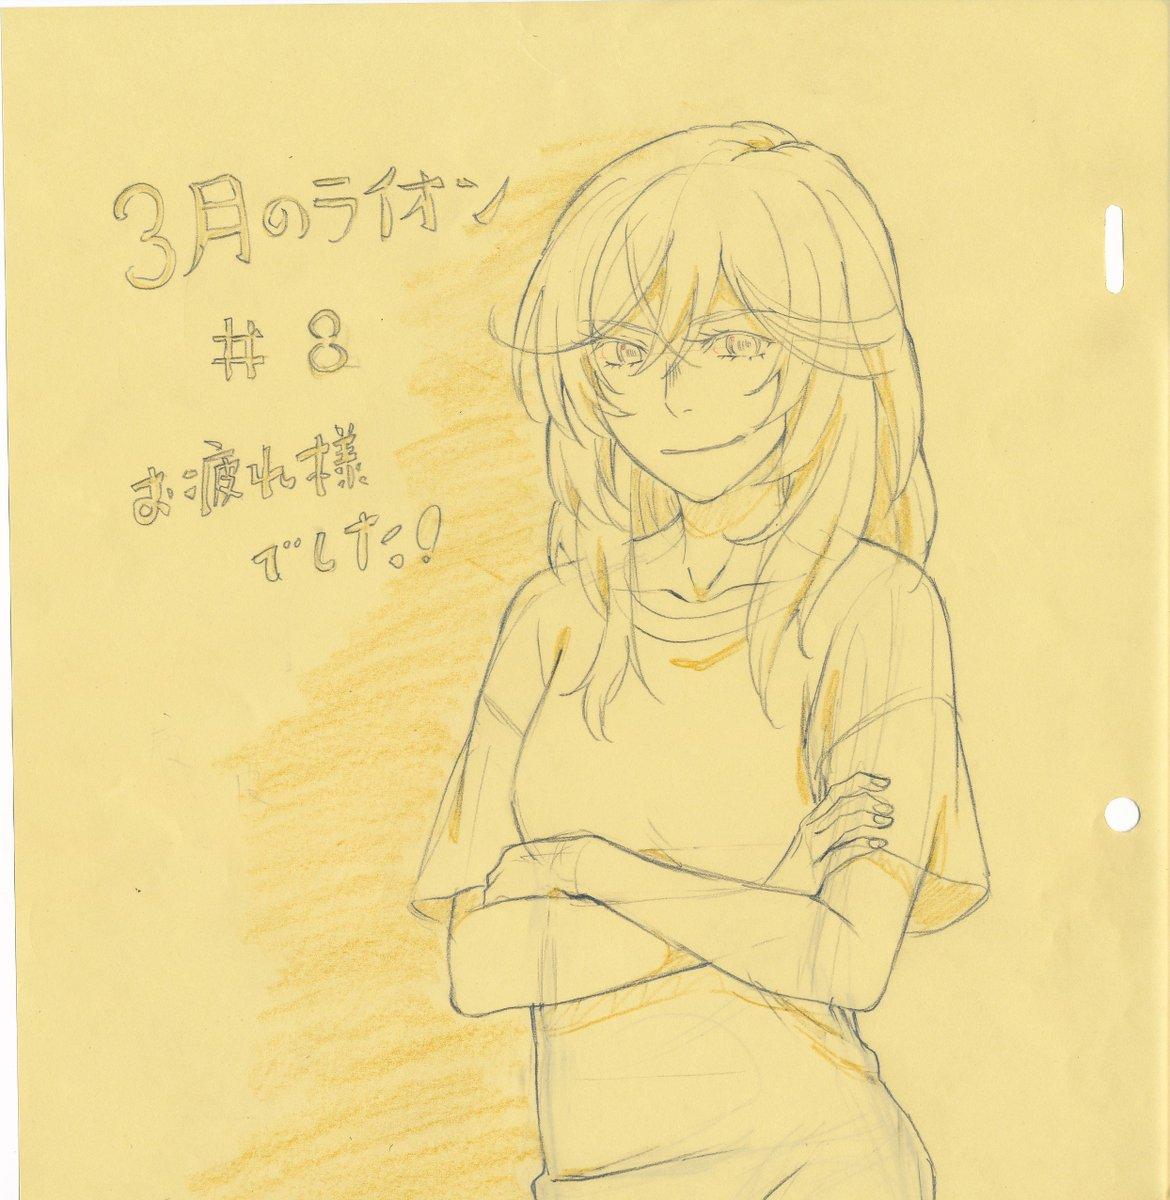 3月のライオン♯8で作監やってました。おつかれさまでした!香子さんをたくさん描けて俺は満足です!